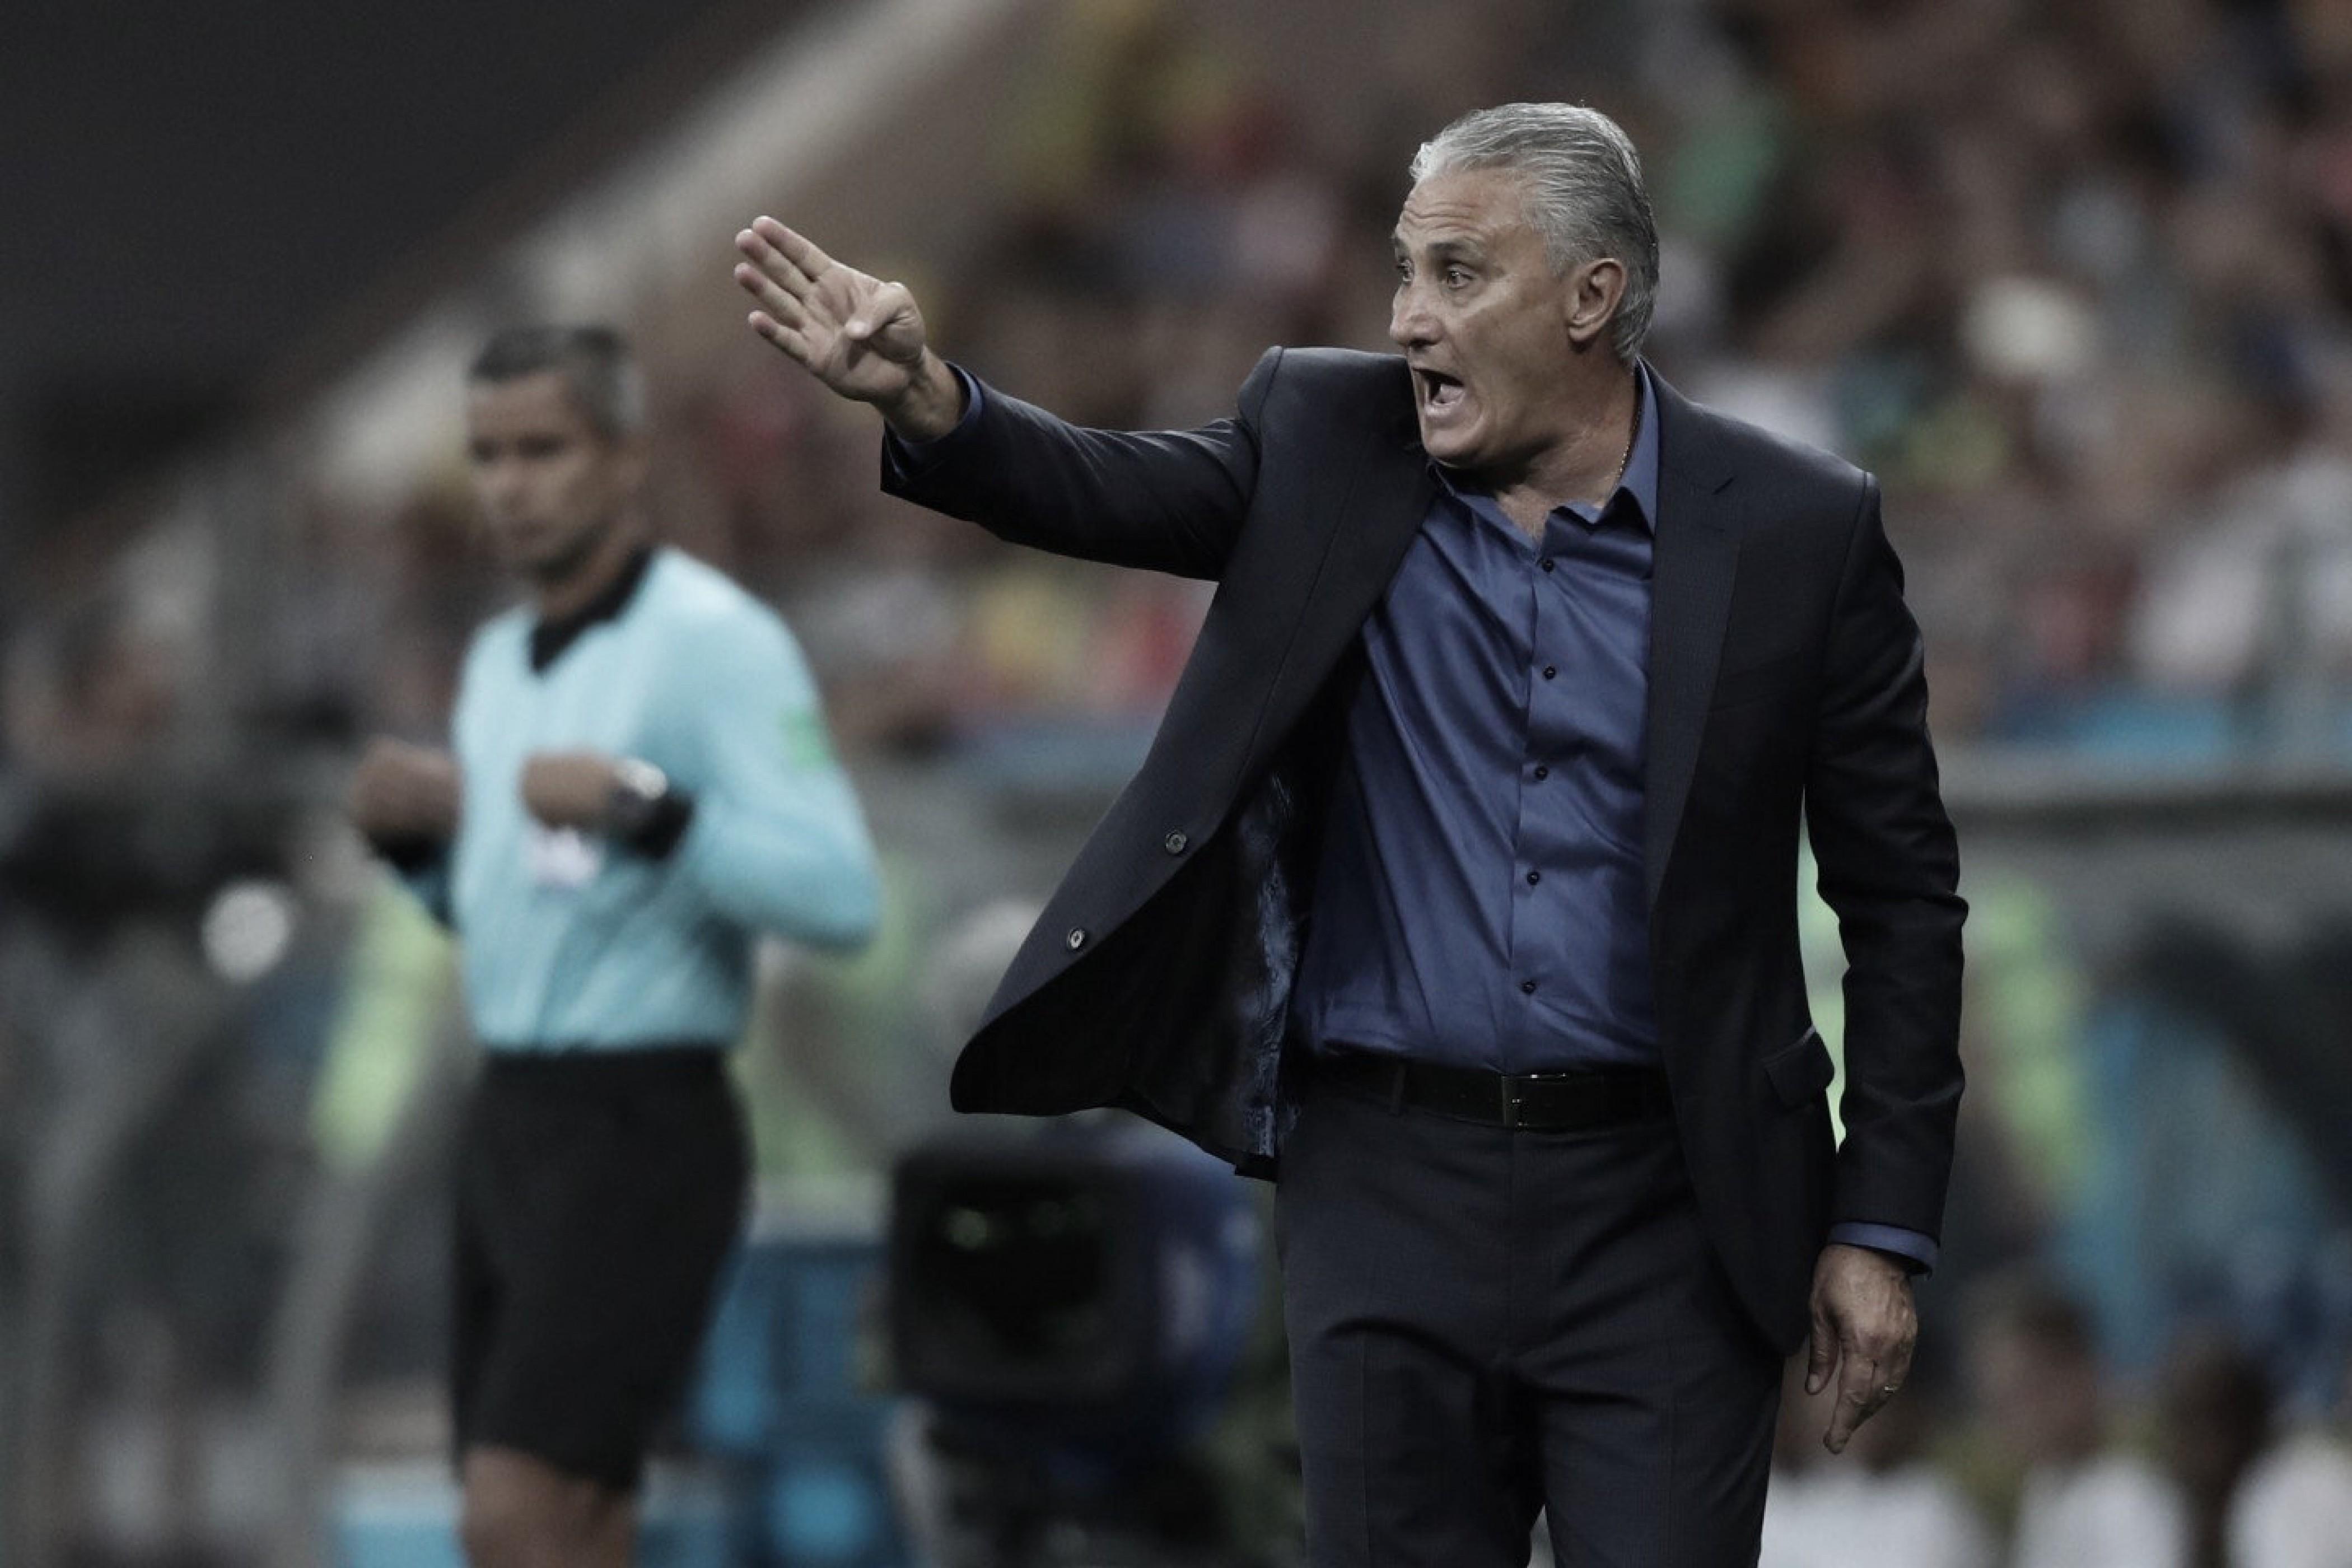 Seleção Brasileira entrará em campo com seis novidades e uma estreia contra El Salvador